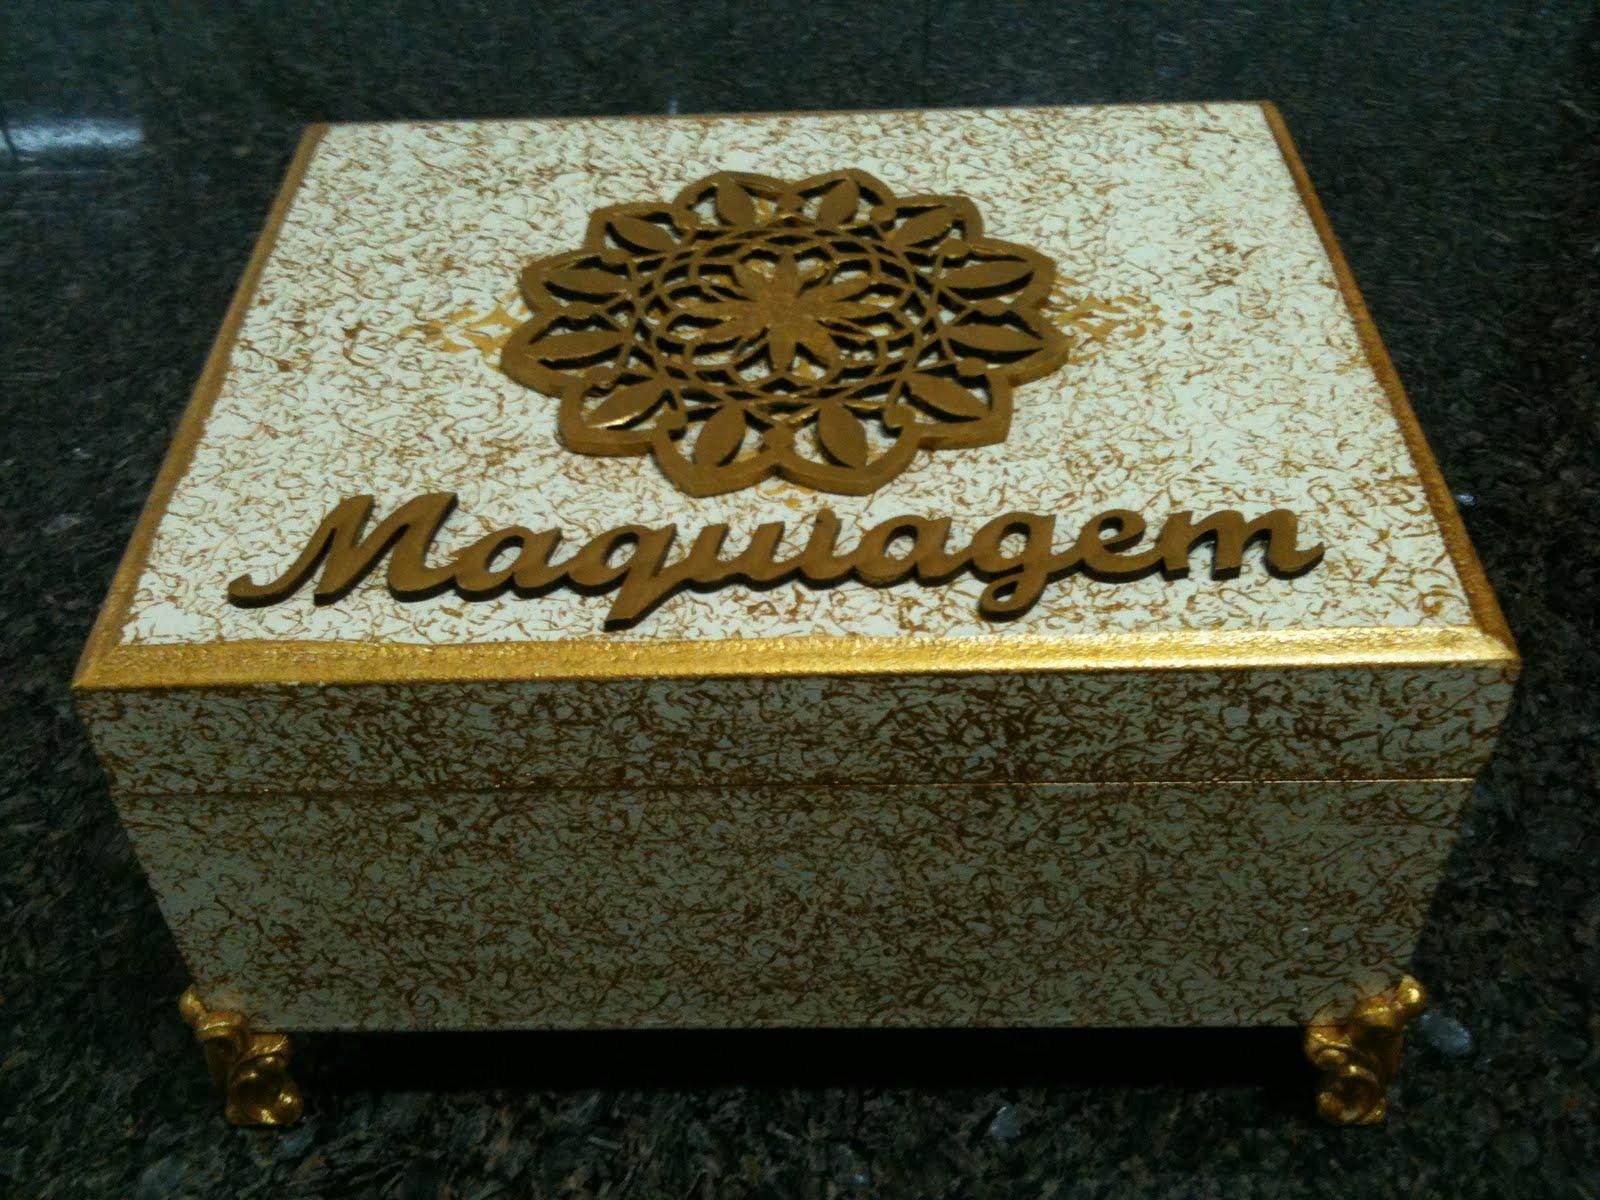 #664B18 Caixa de maquiagem 1600x1200 px caixa de madeira personalizada como fazer @ bernauer.info Móveis Antigos Novos E Usados Online